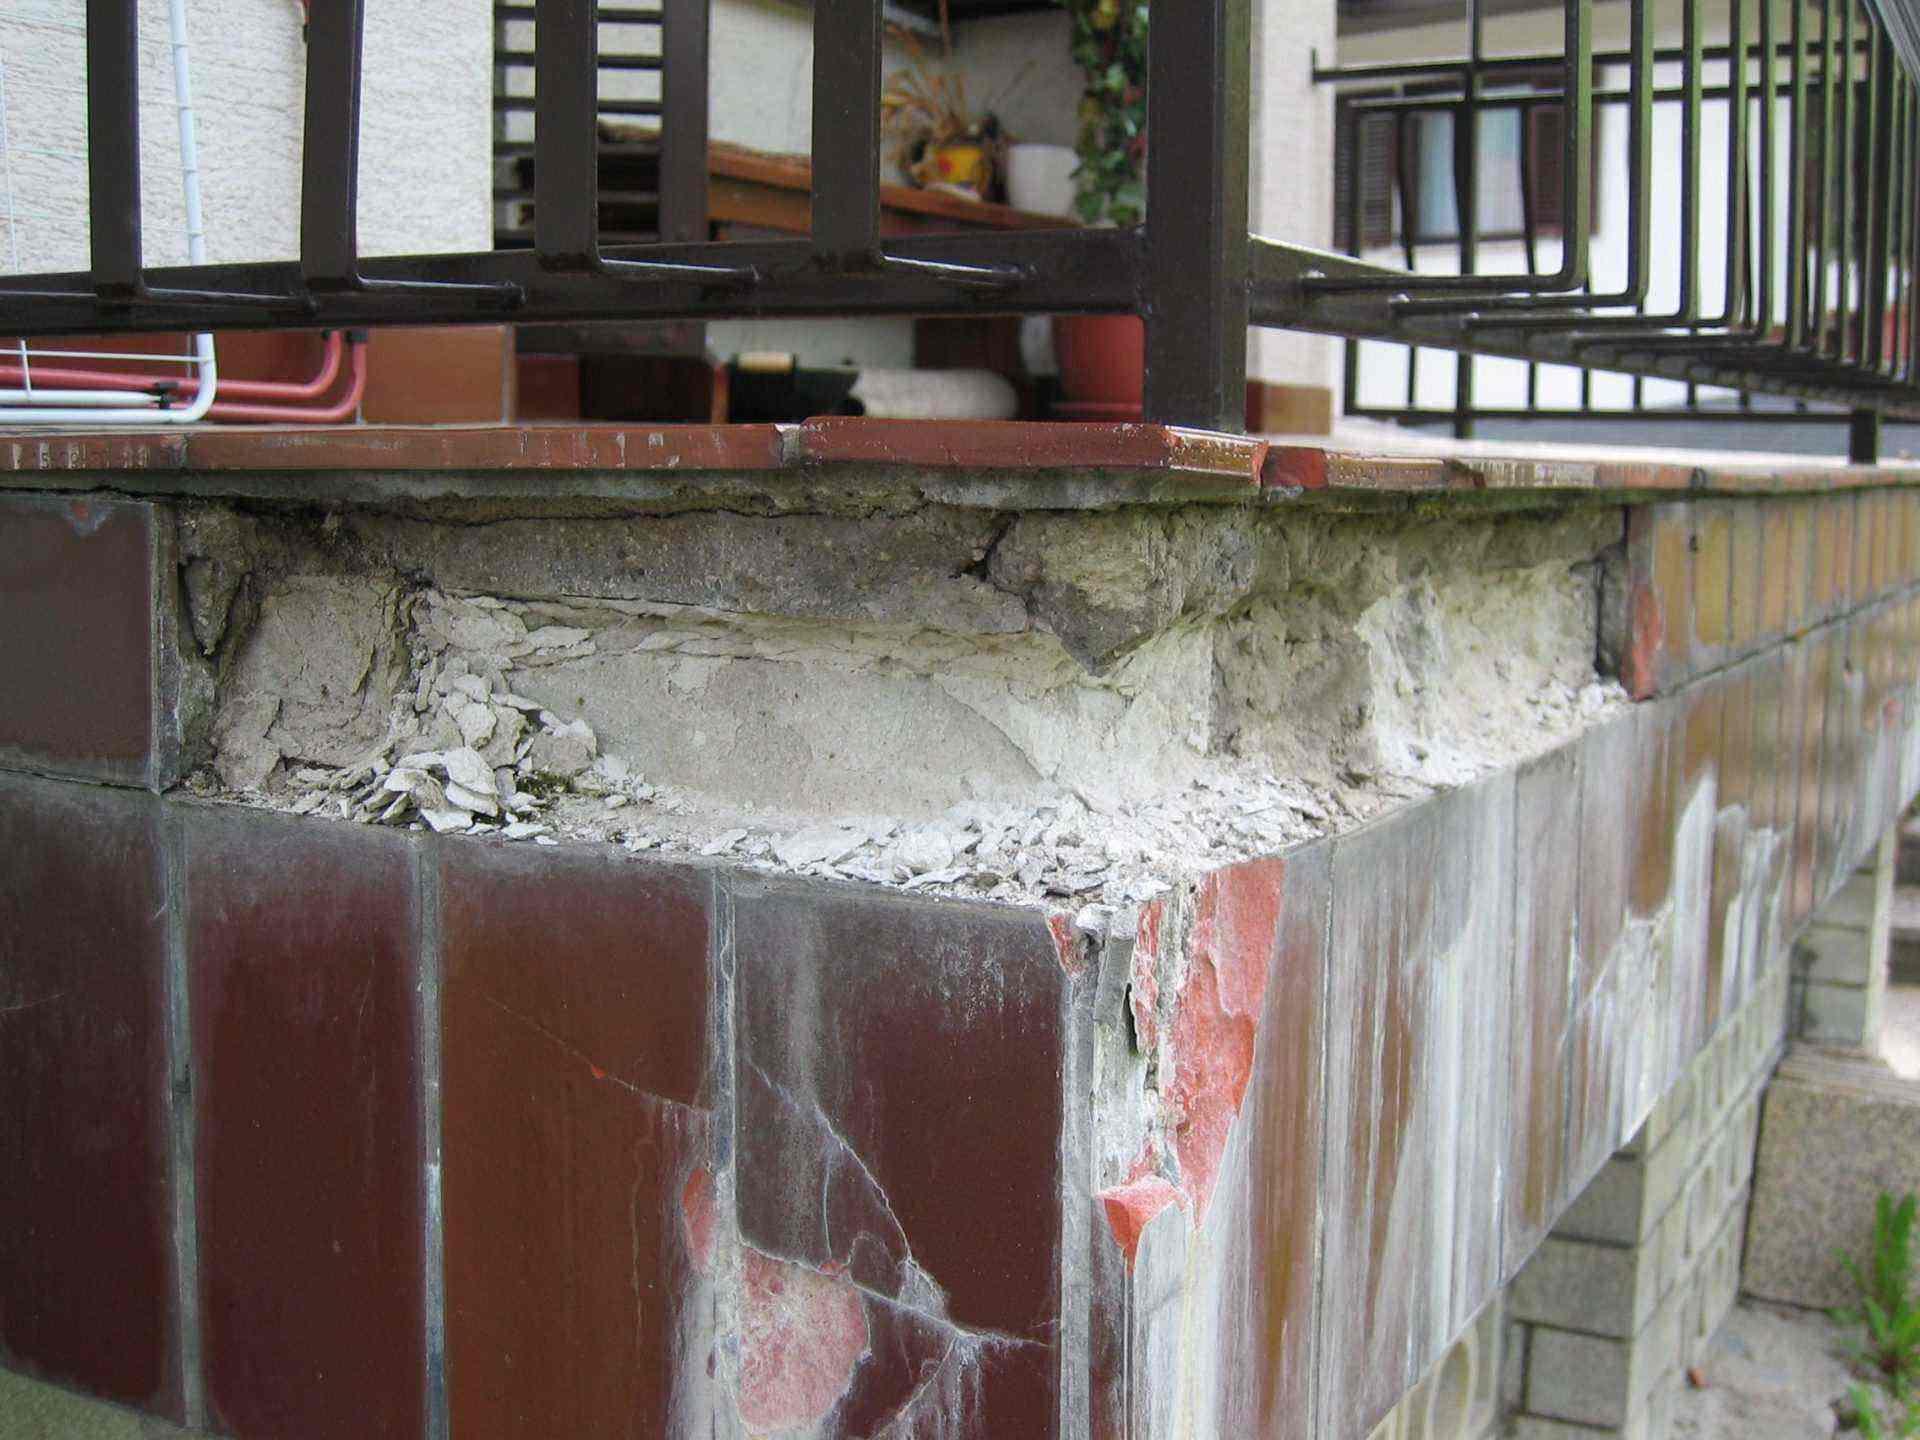 Zmrzlinske poskodbe na terasi